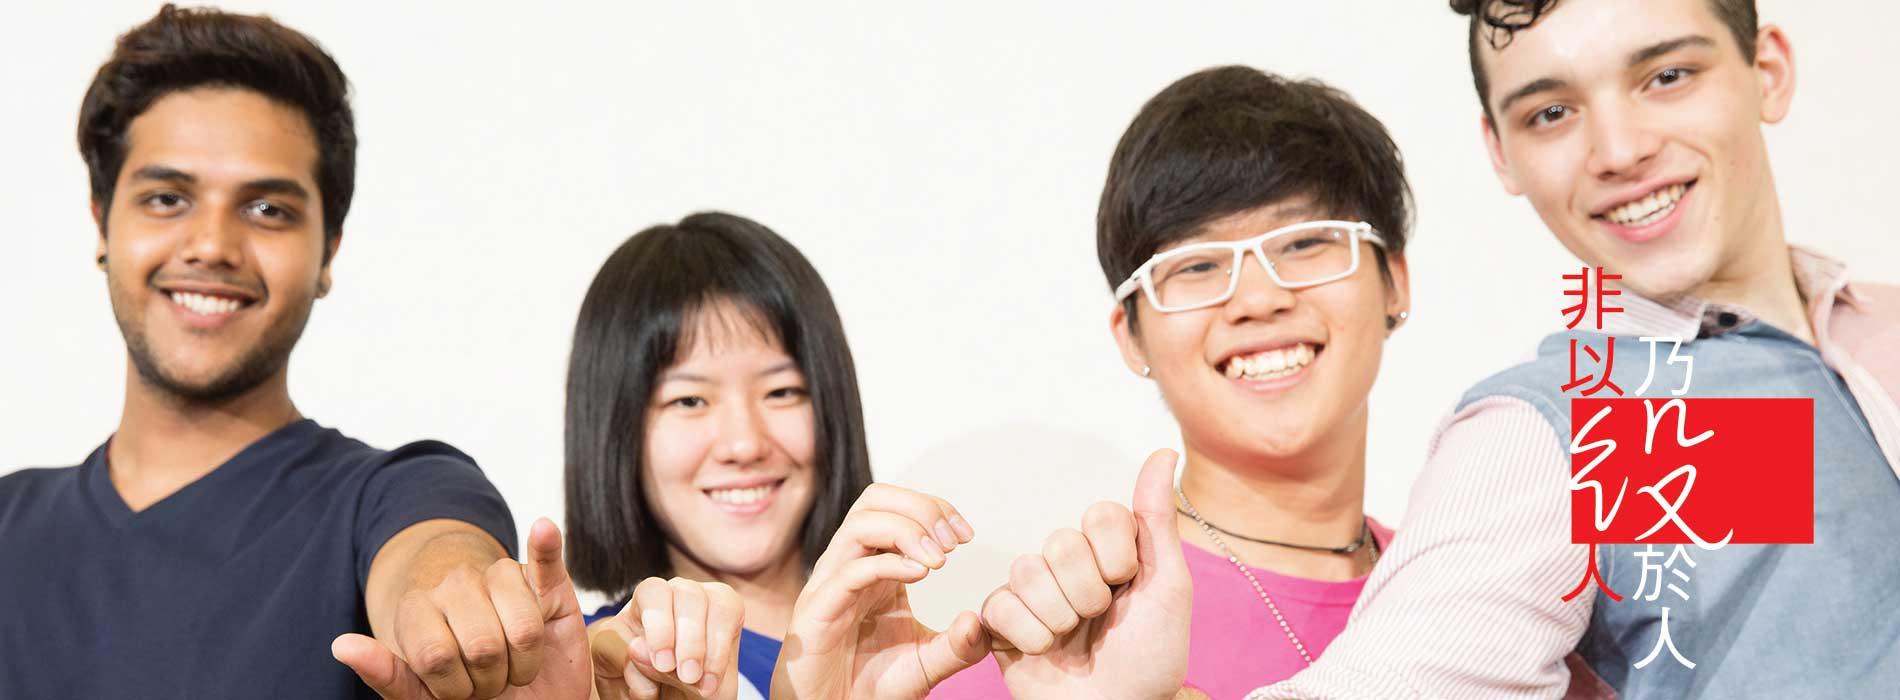 香港中華基督教青年會 - 聯絡我們